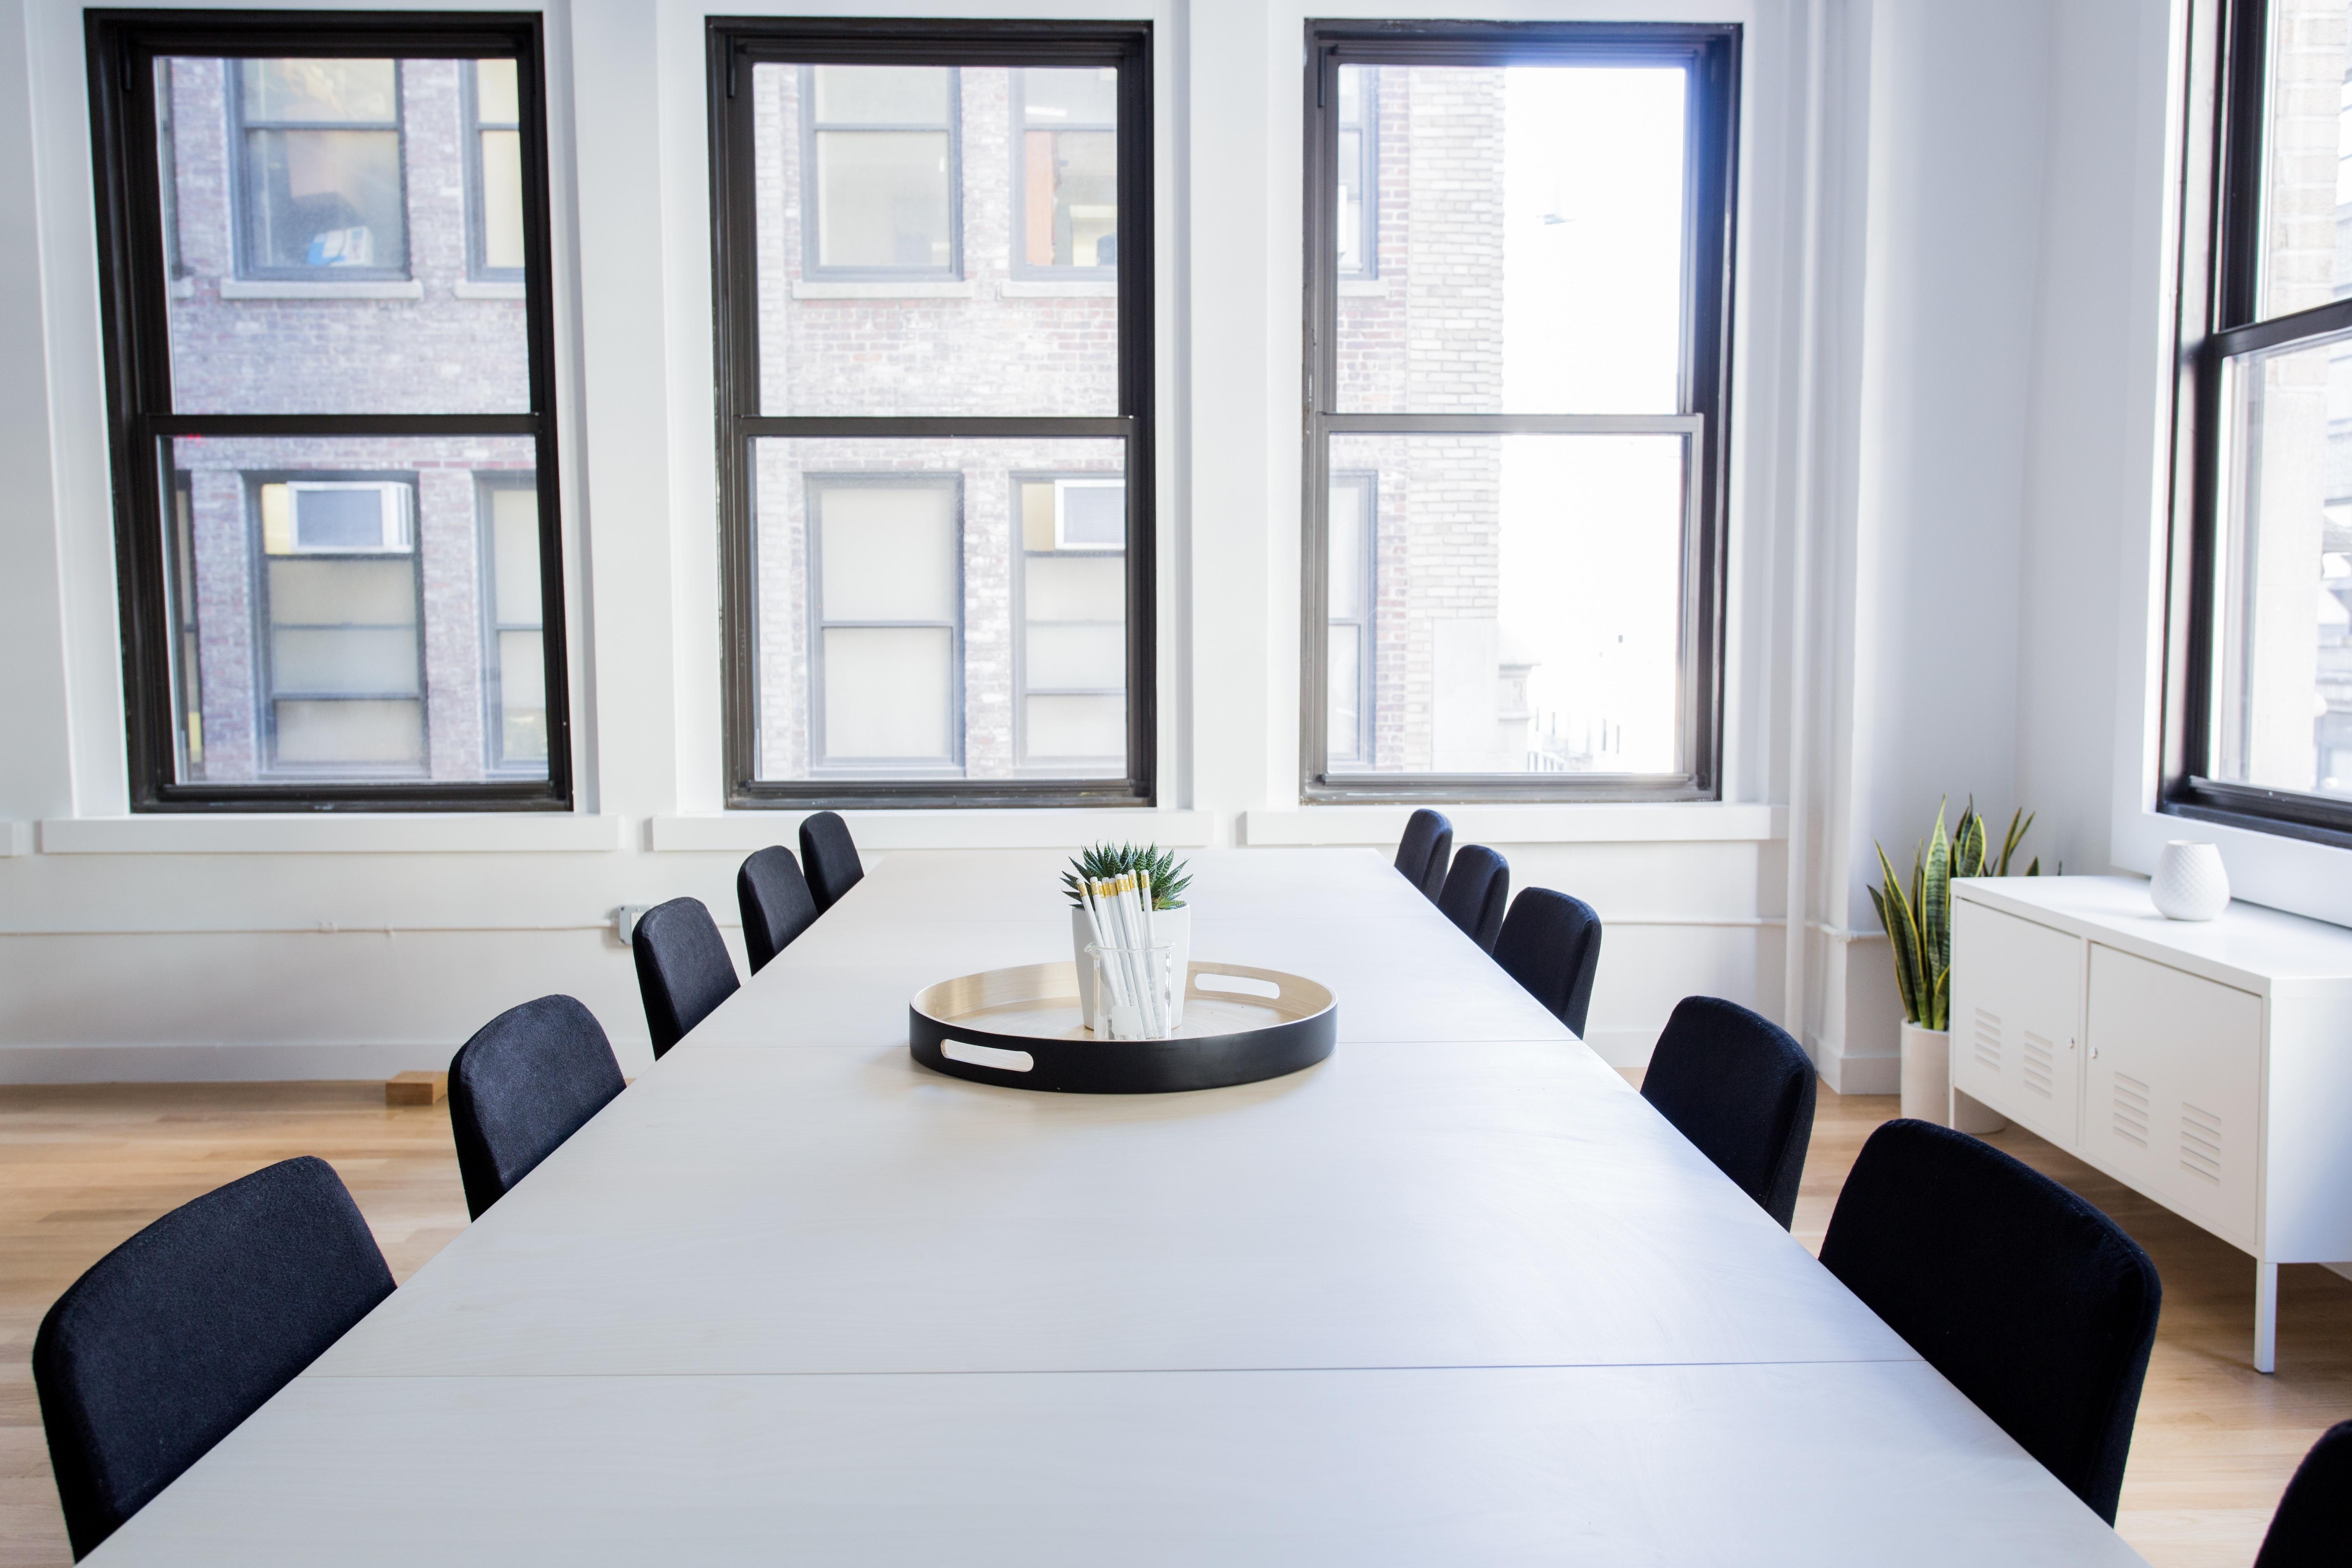 Tavolo Di Lavoro English : Immagini belle : tavolo sedia pavimento finestra casa proprietà